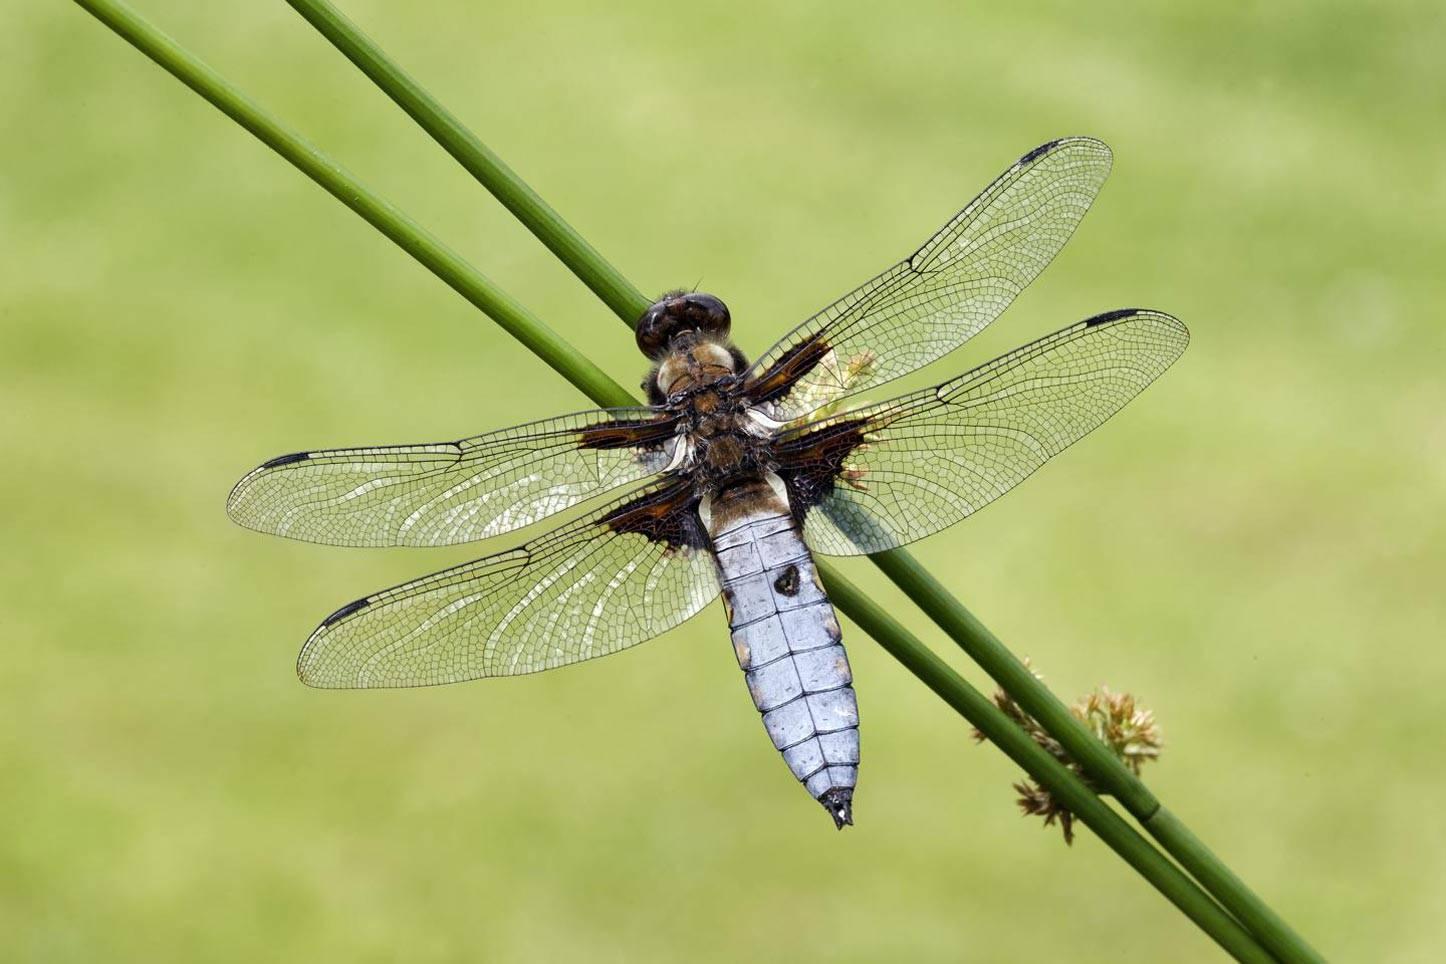 Жужелица выпуклая: жизненный путь хищного насекомого